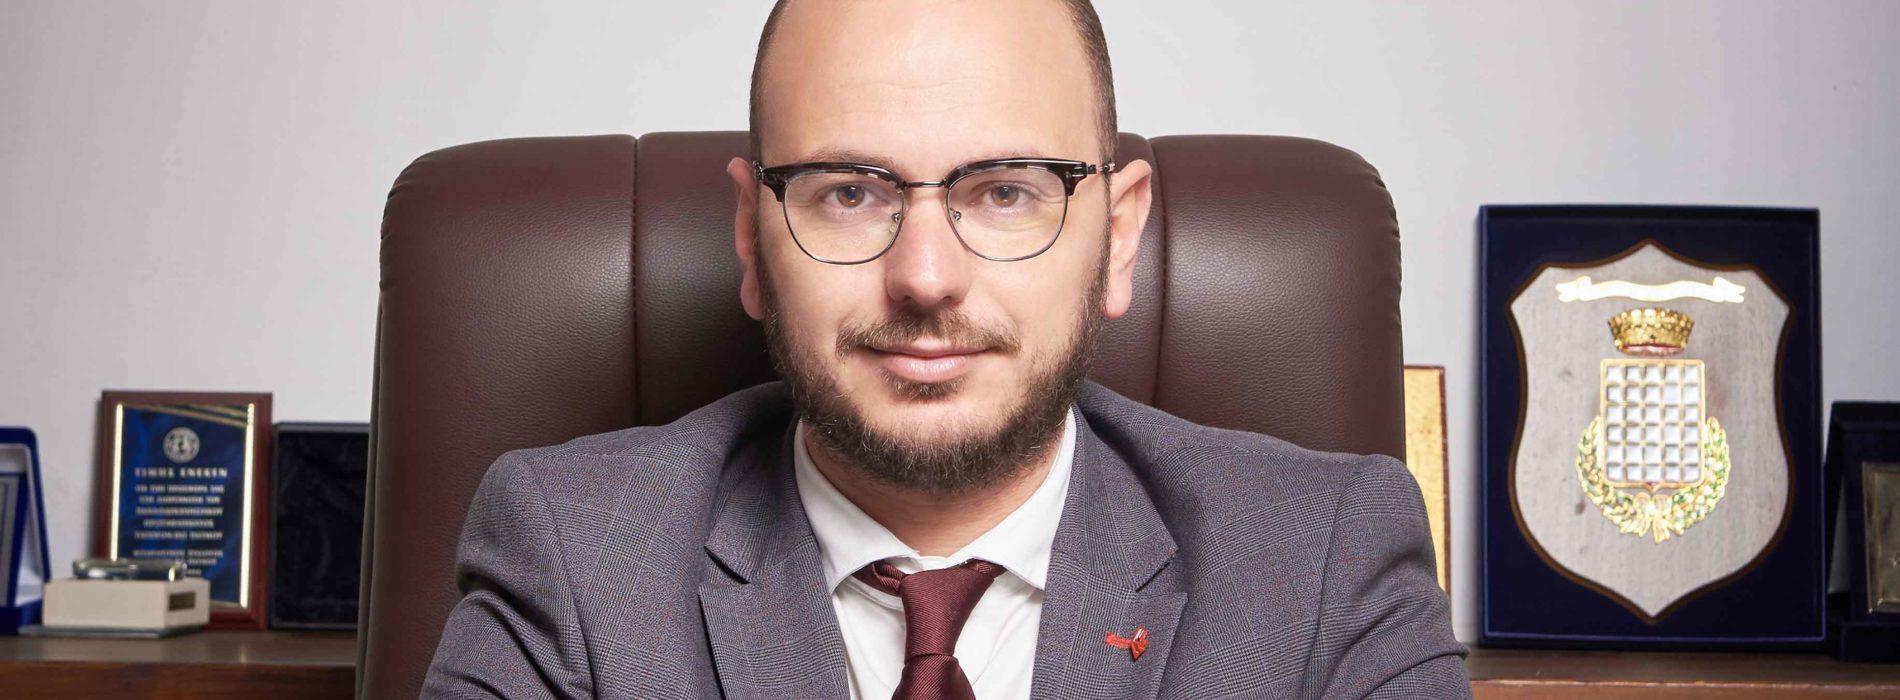 Επιστολή προς τον πρωθυπουργό   – «Έκκληση για απαγόρευση μετακινήσεων στο νησί της Πάτμου»